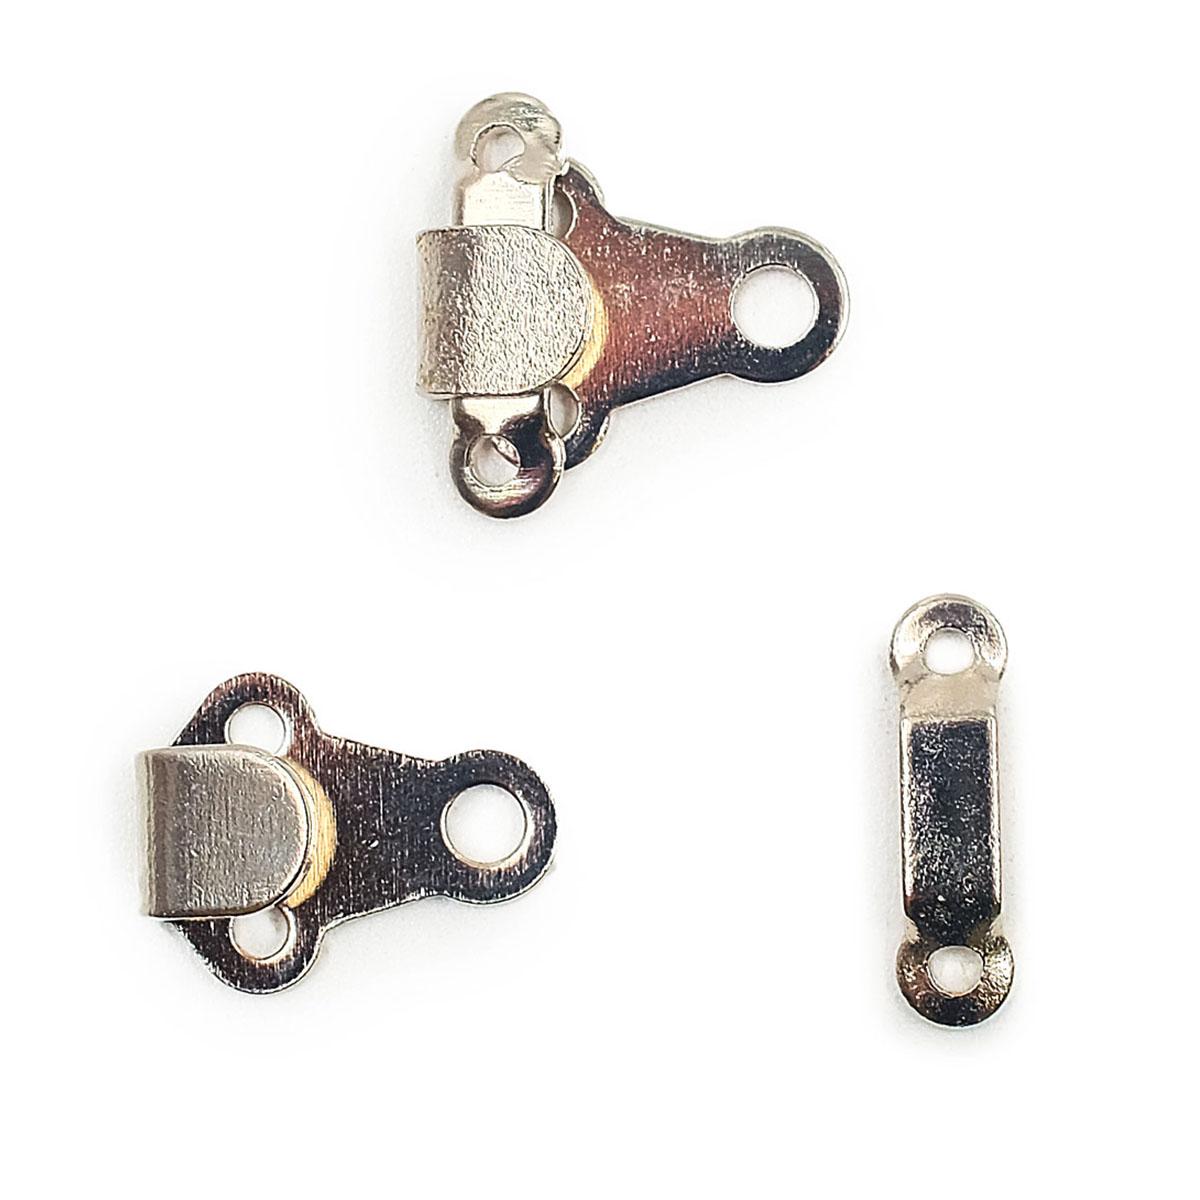 265230 Крючок для брюк и юбок с дугой (сталь) серебристый цв. 6 мм Prym